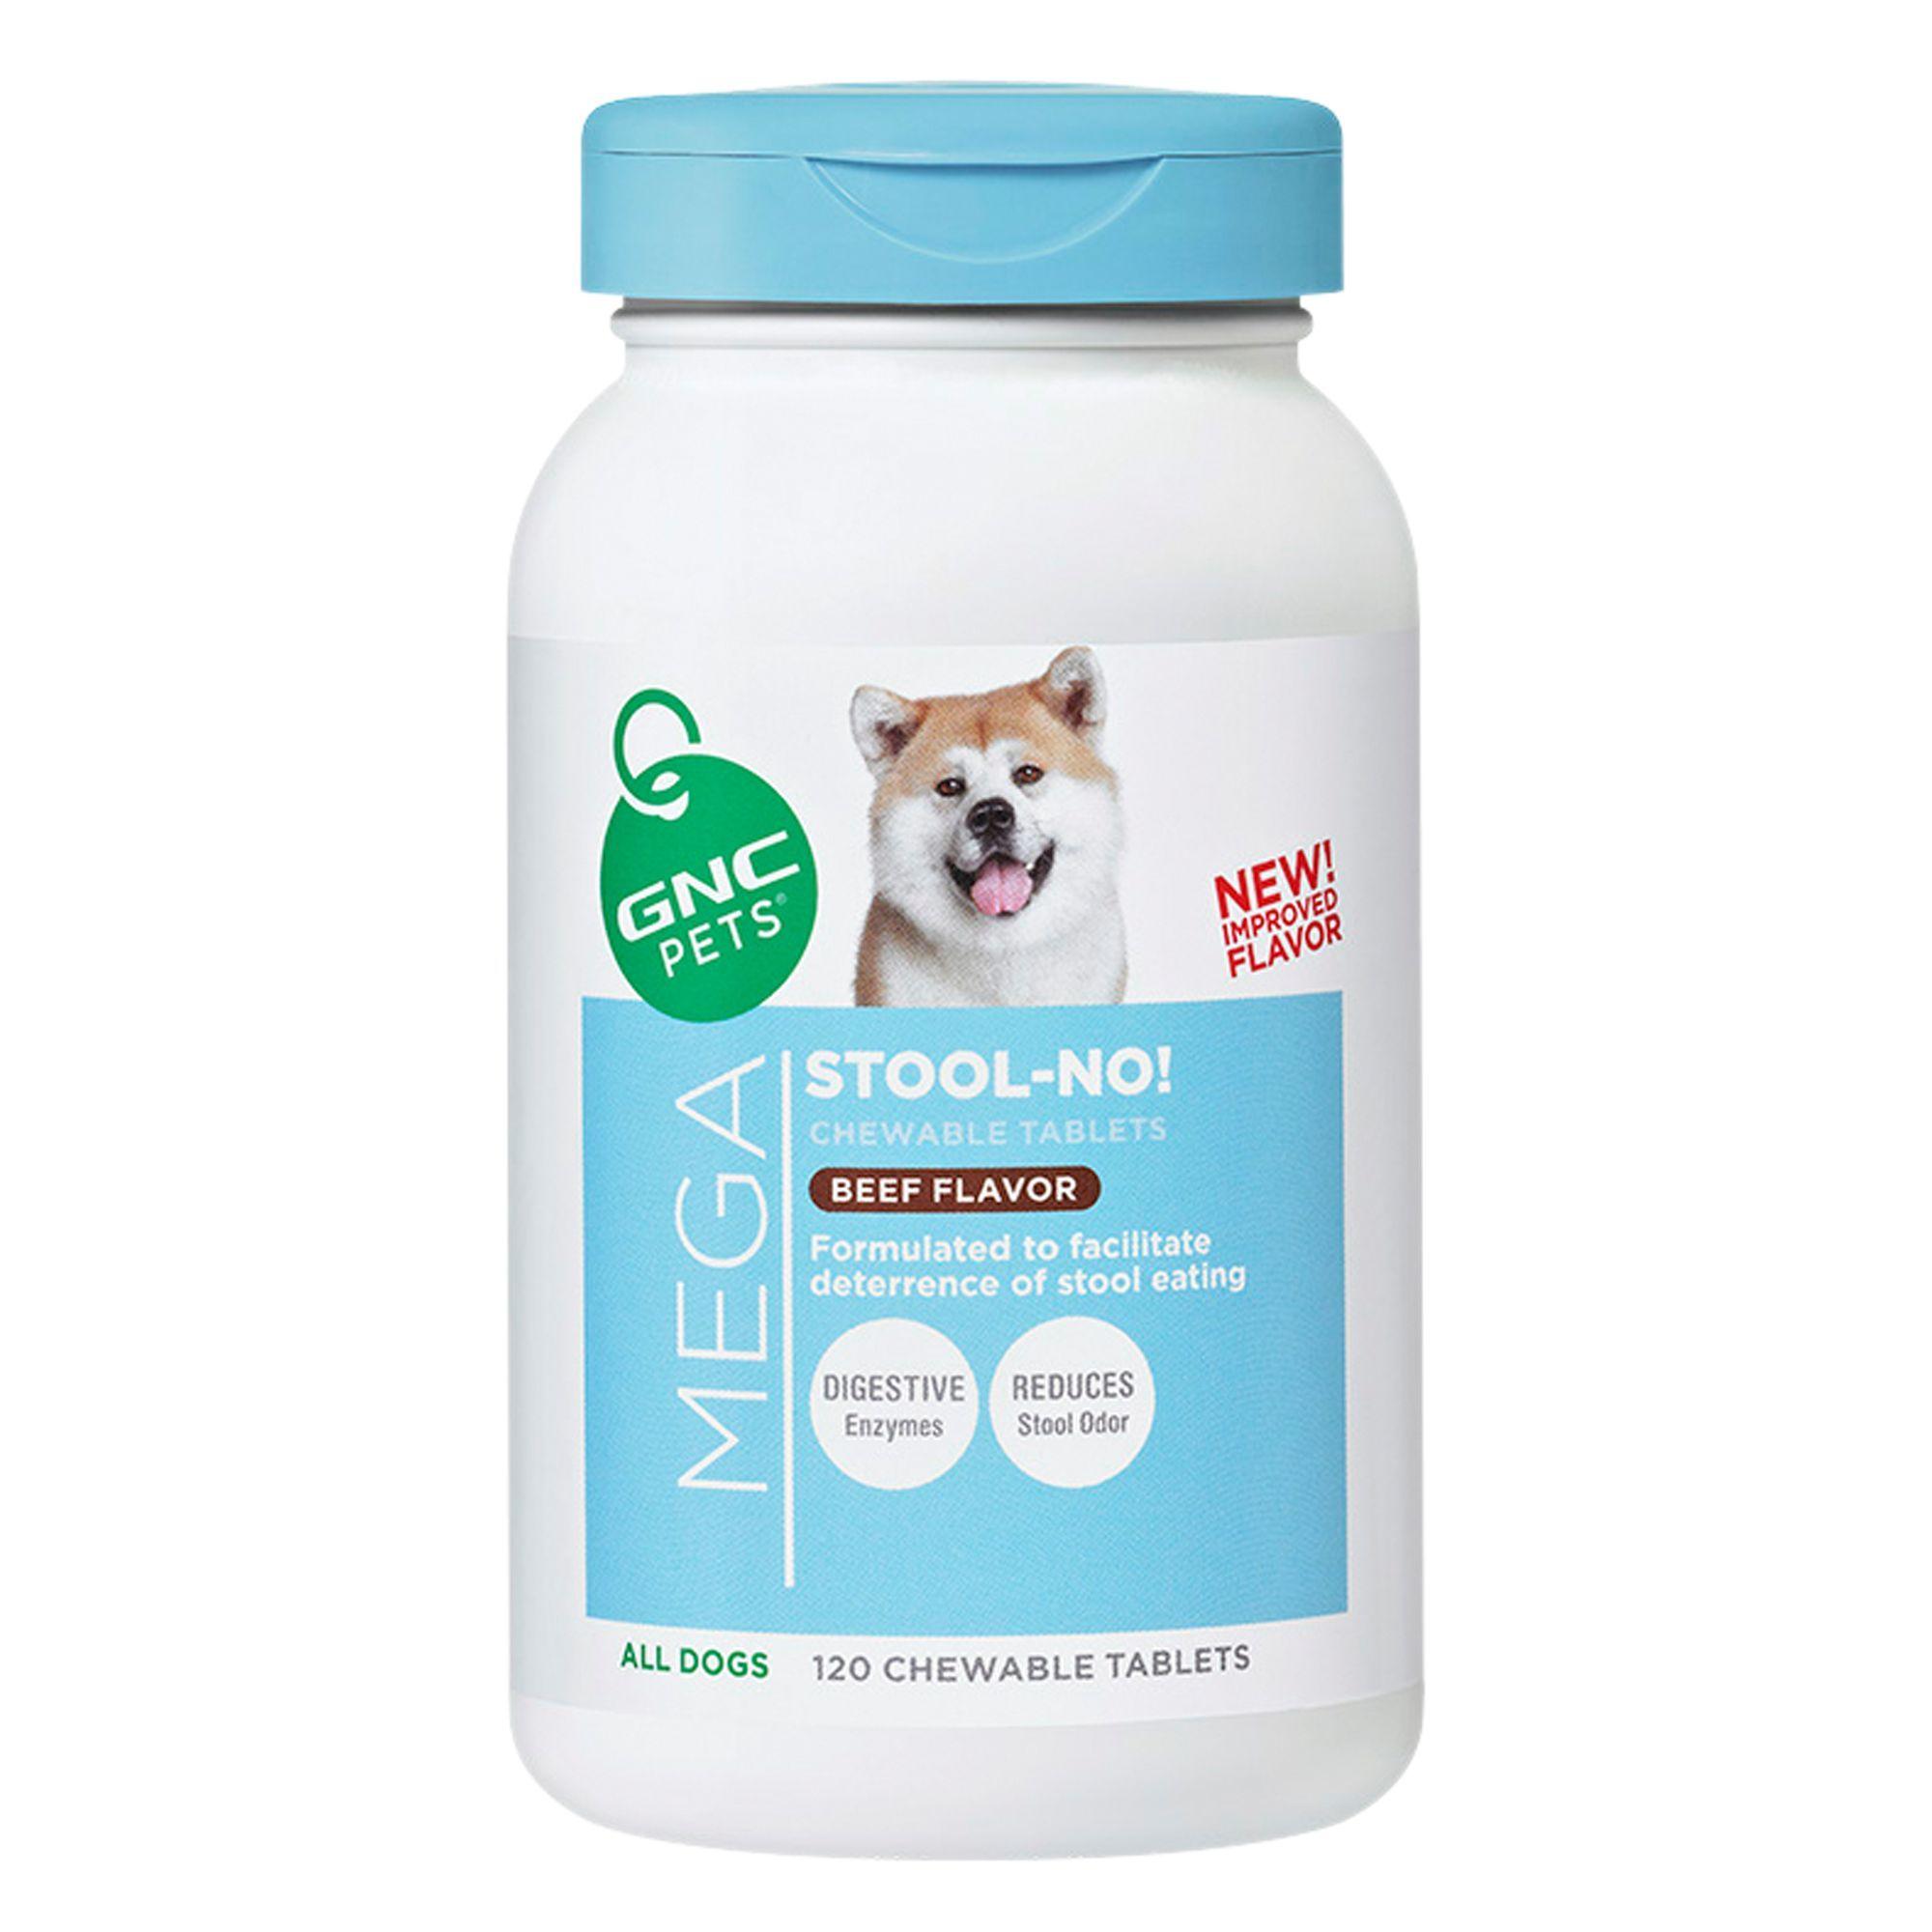 Gnc Pets Mega Stool No Dog Coprophagia Formula Pets Pet Supplements Fish Oil